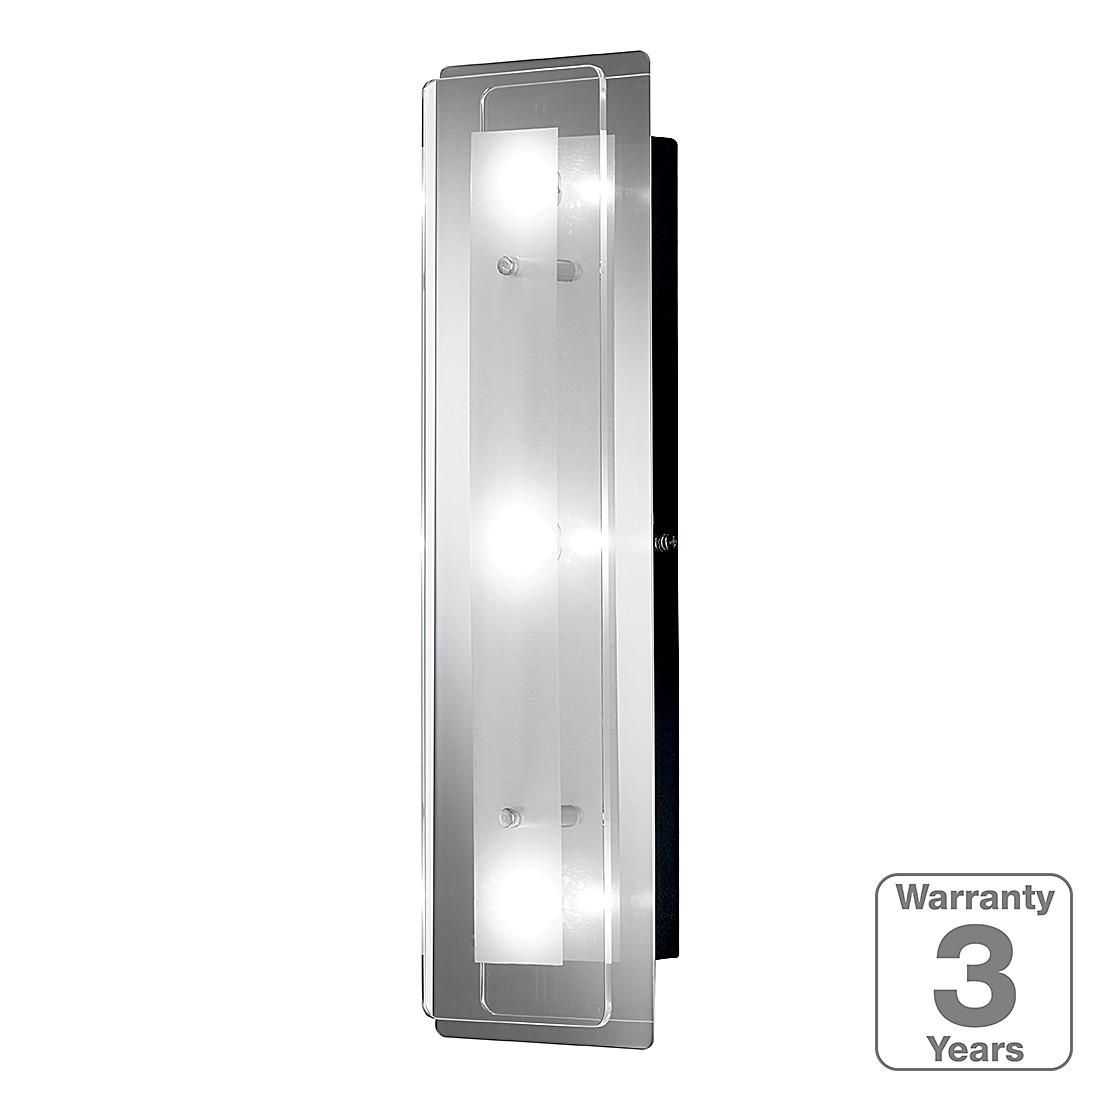 luce sopra mobile : Le 3 led luci sotto mobile luce Prezzo e Offerte Sottocosto